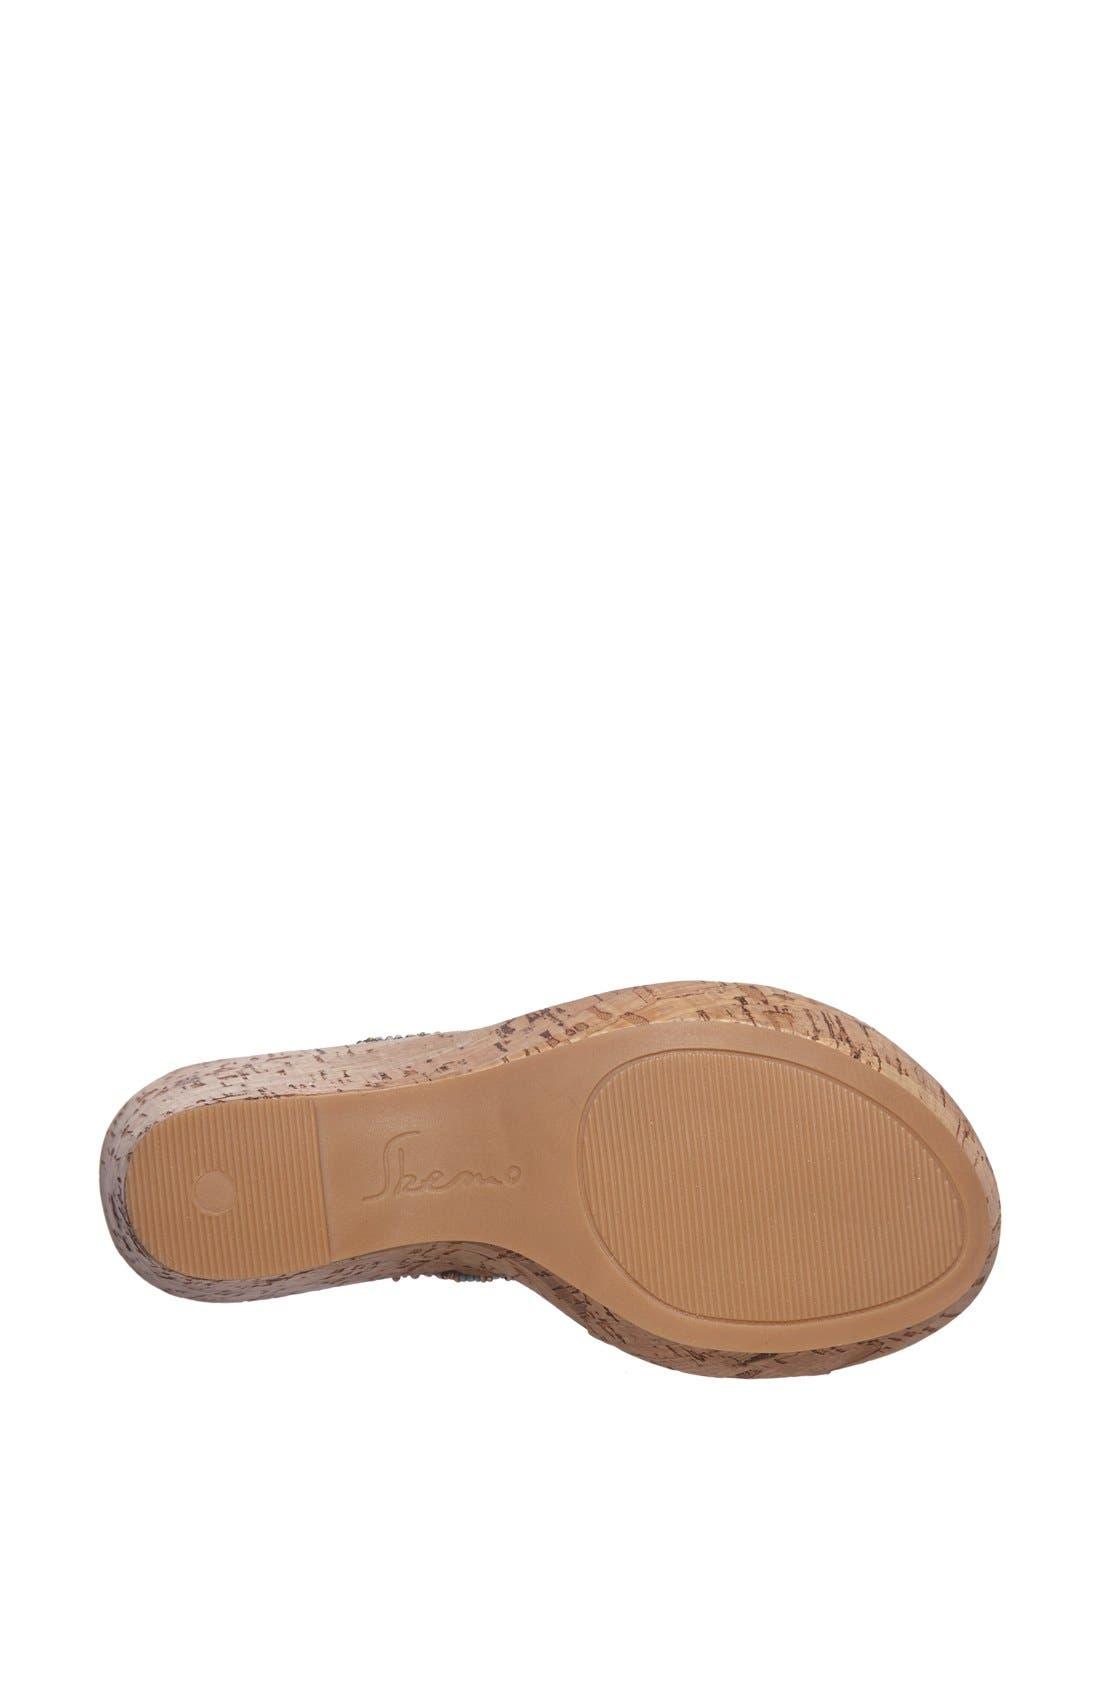 Alternate Image 3  - Skemo 'Luzia' Sandal